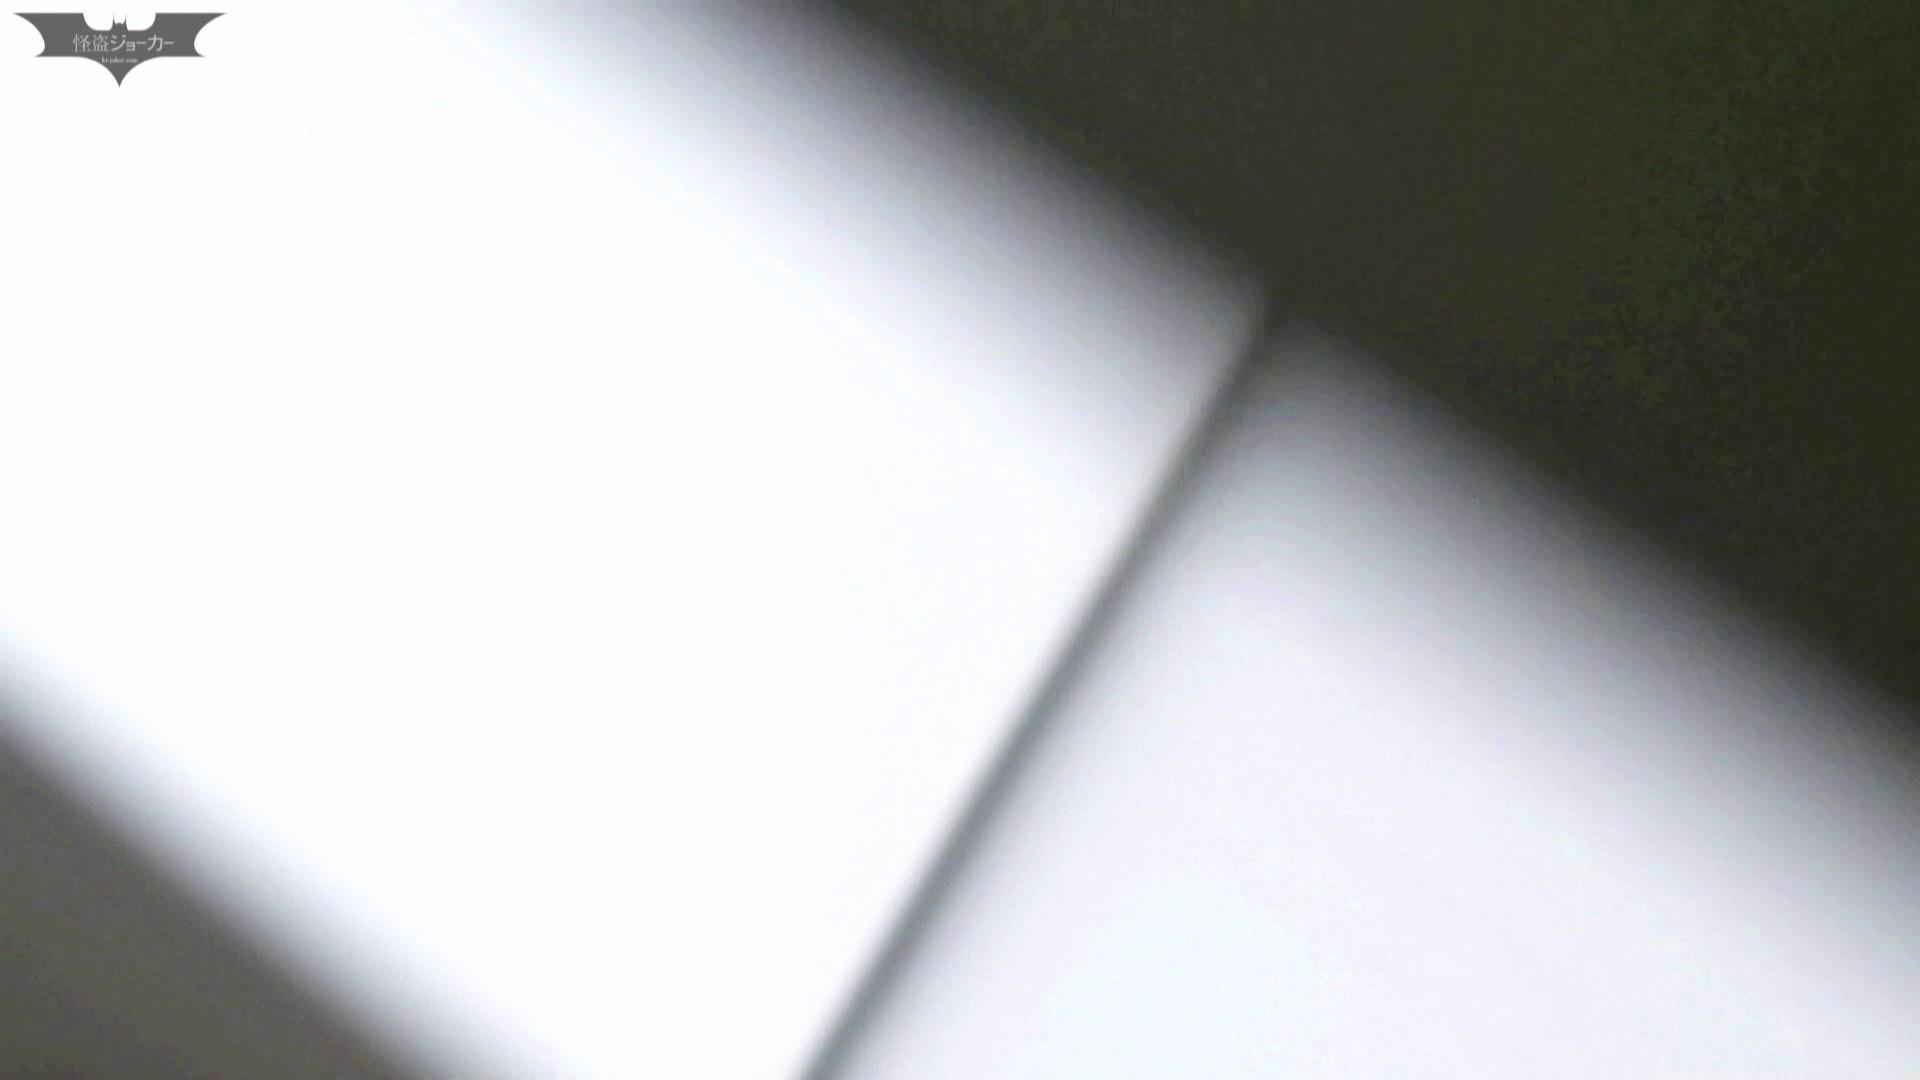 下からノゾム vol.018 スタイルいい子に、ついついて入っちゃった。 エッチすぎるOL達 | 0  101連発 83